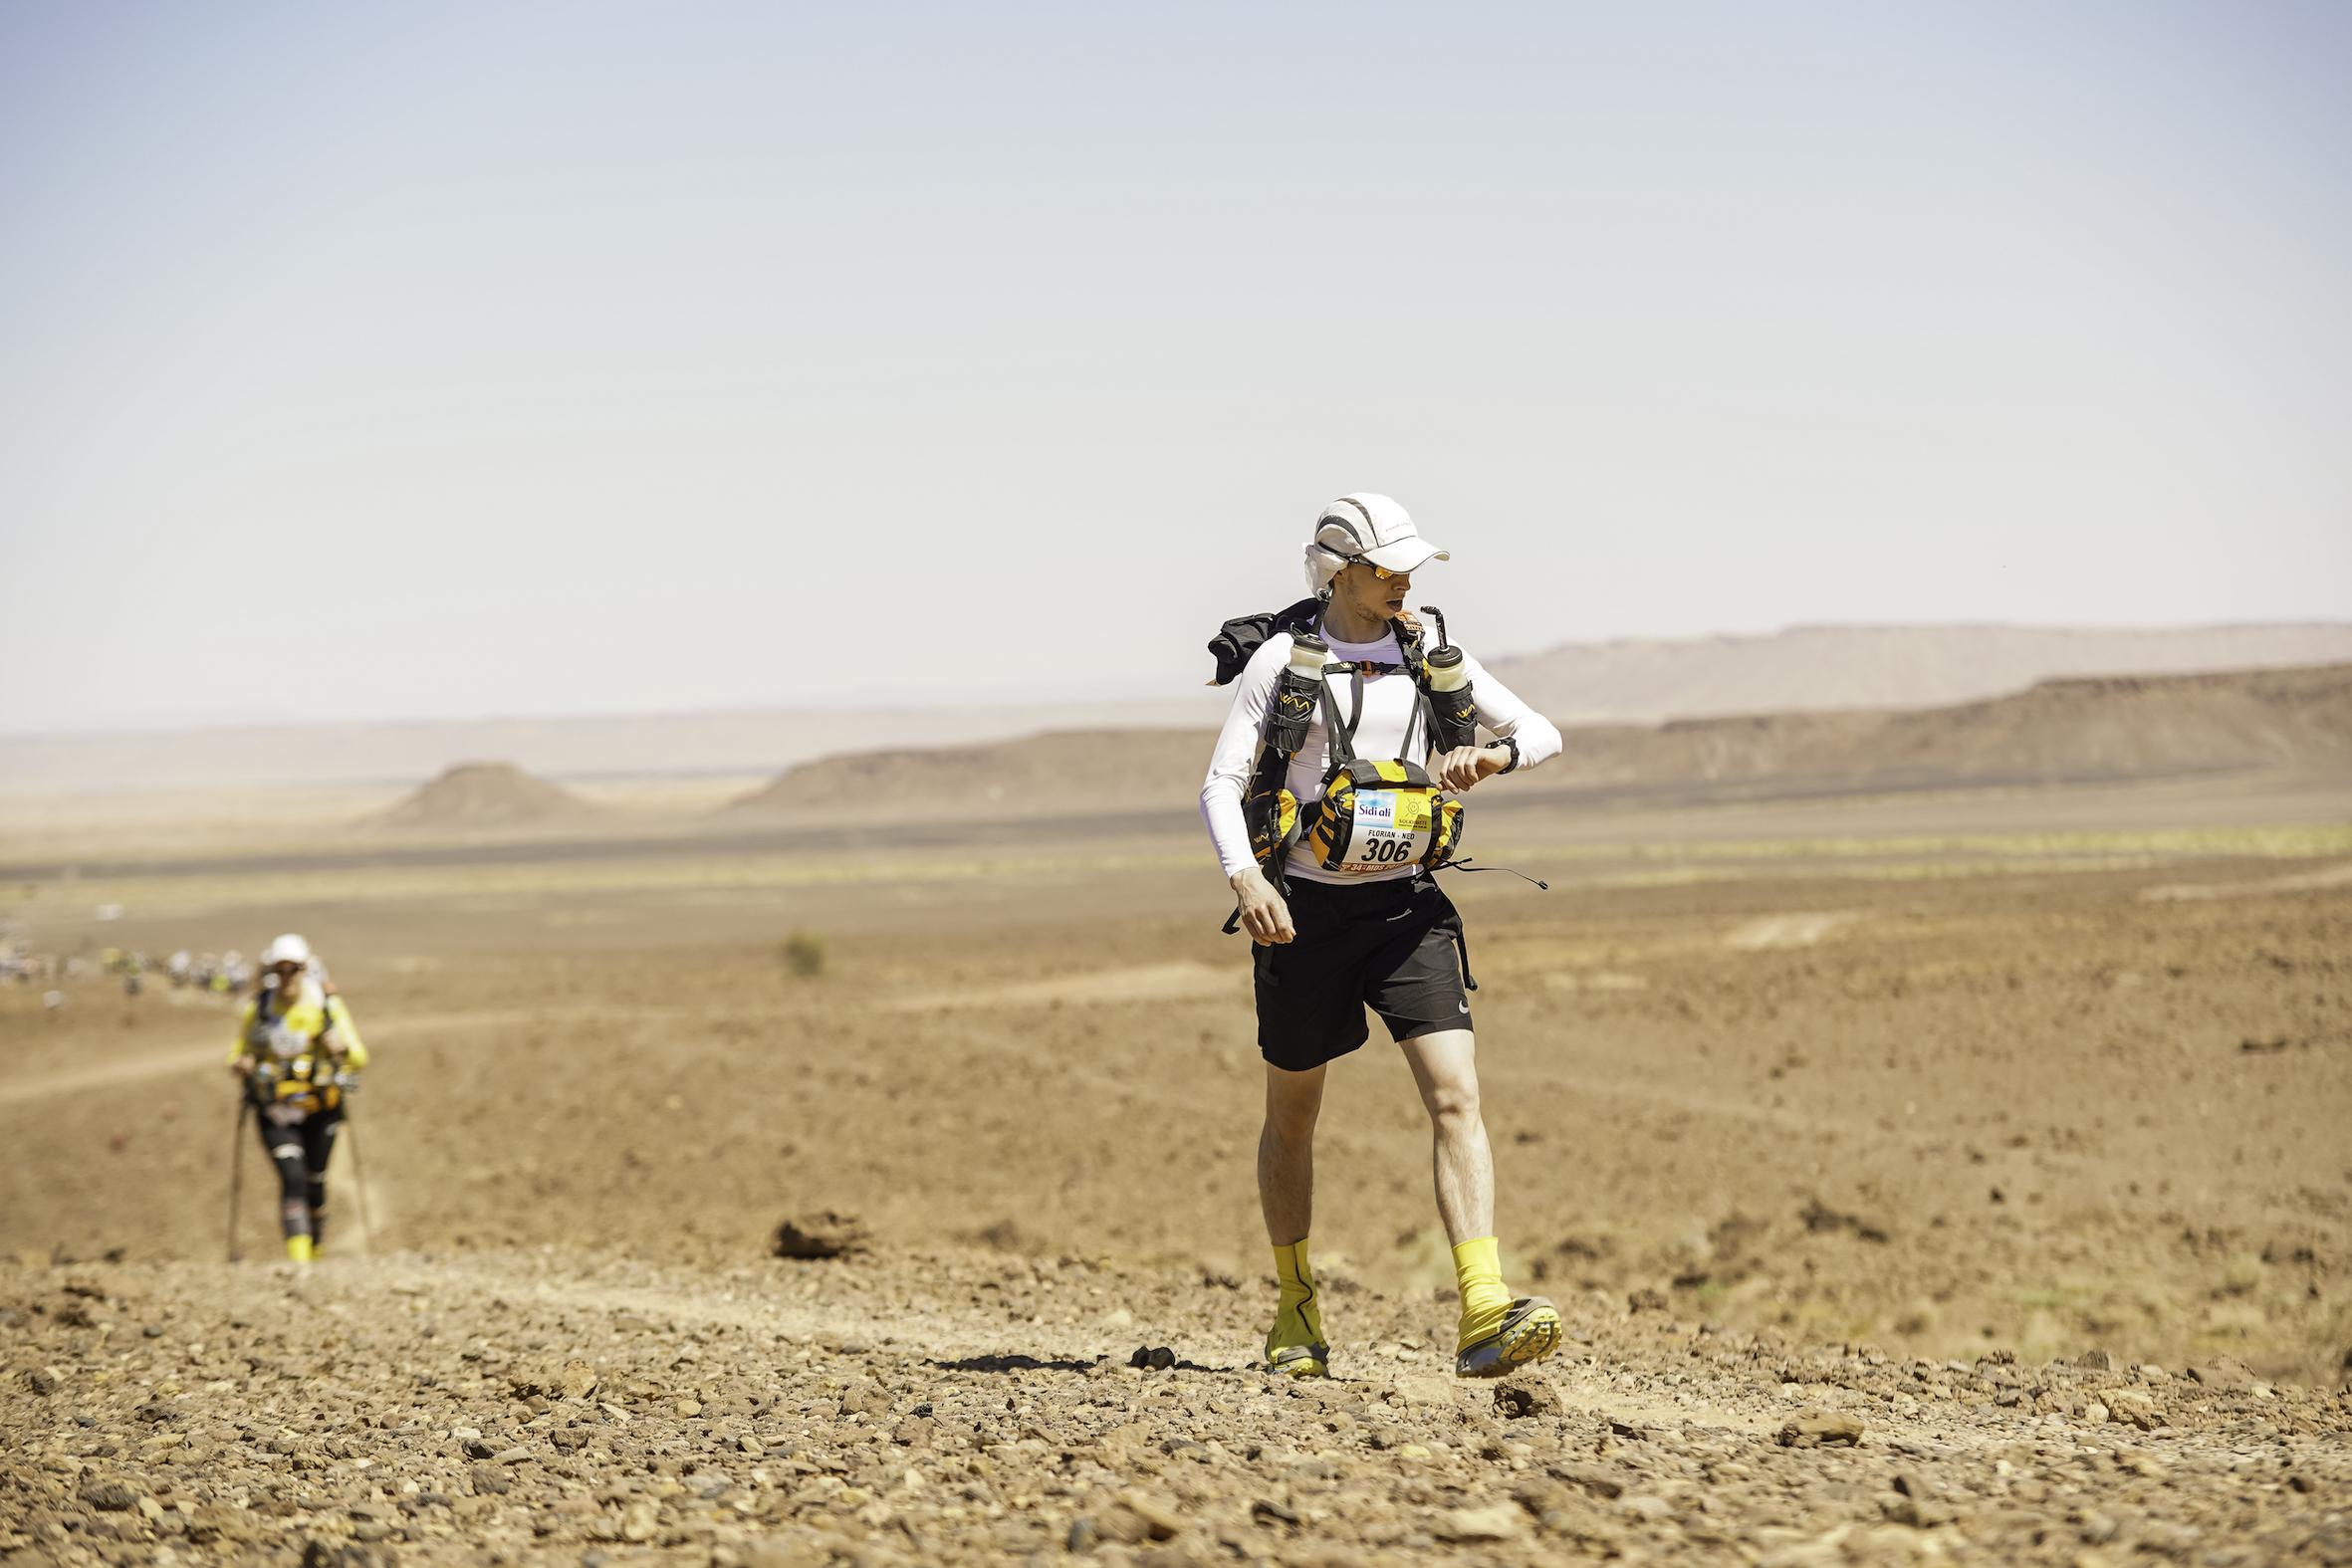 Met een glimlach in de hel, de extreme topsport van Florian Niesten